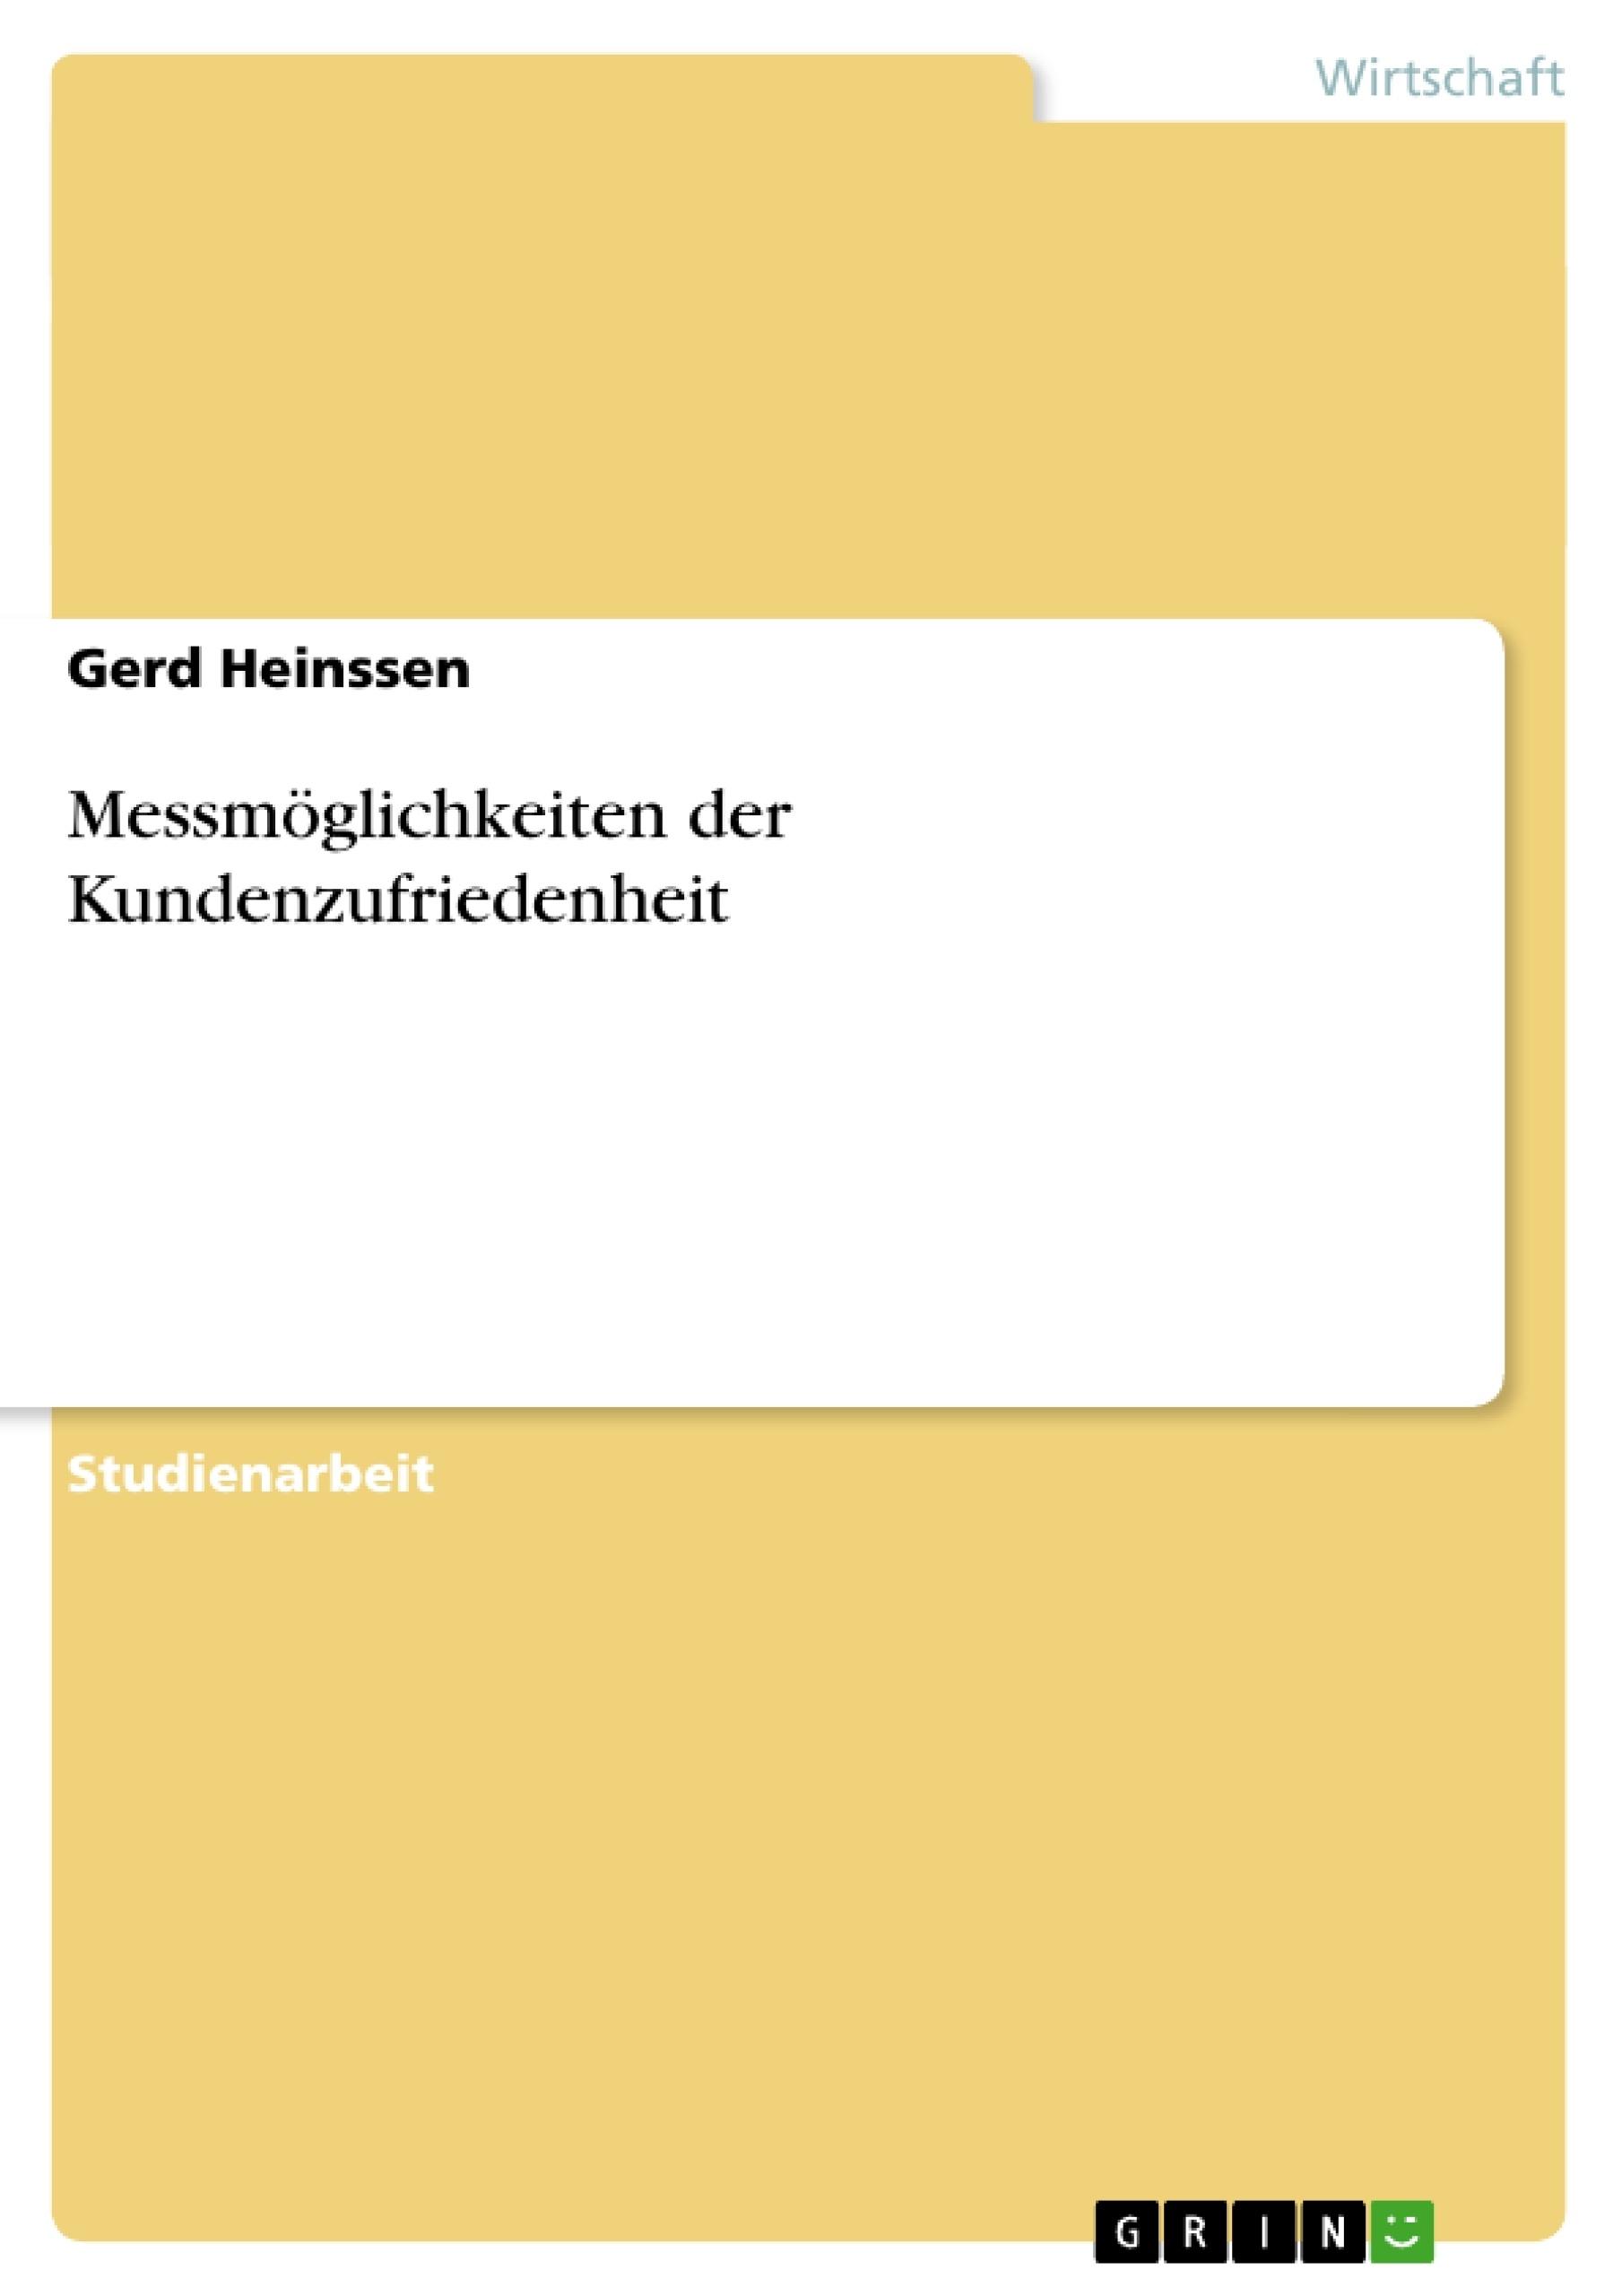 Titel: Messmöglichkeiten der Kundenzufriedenheit